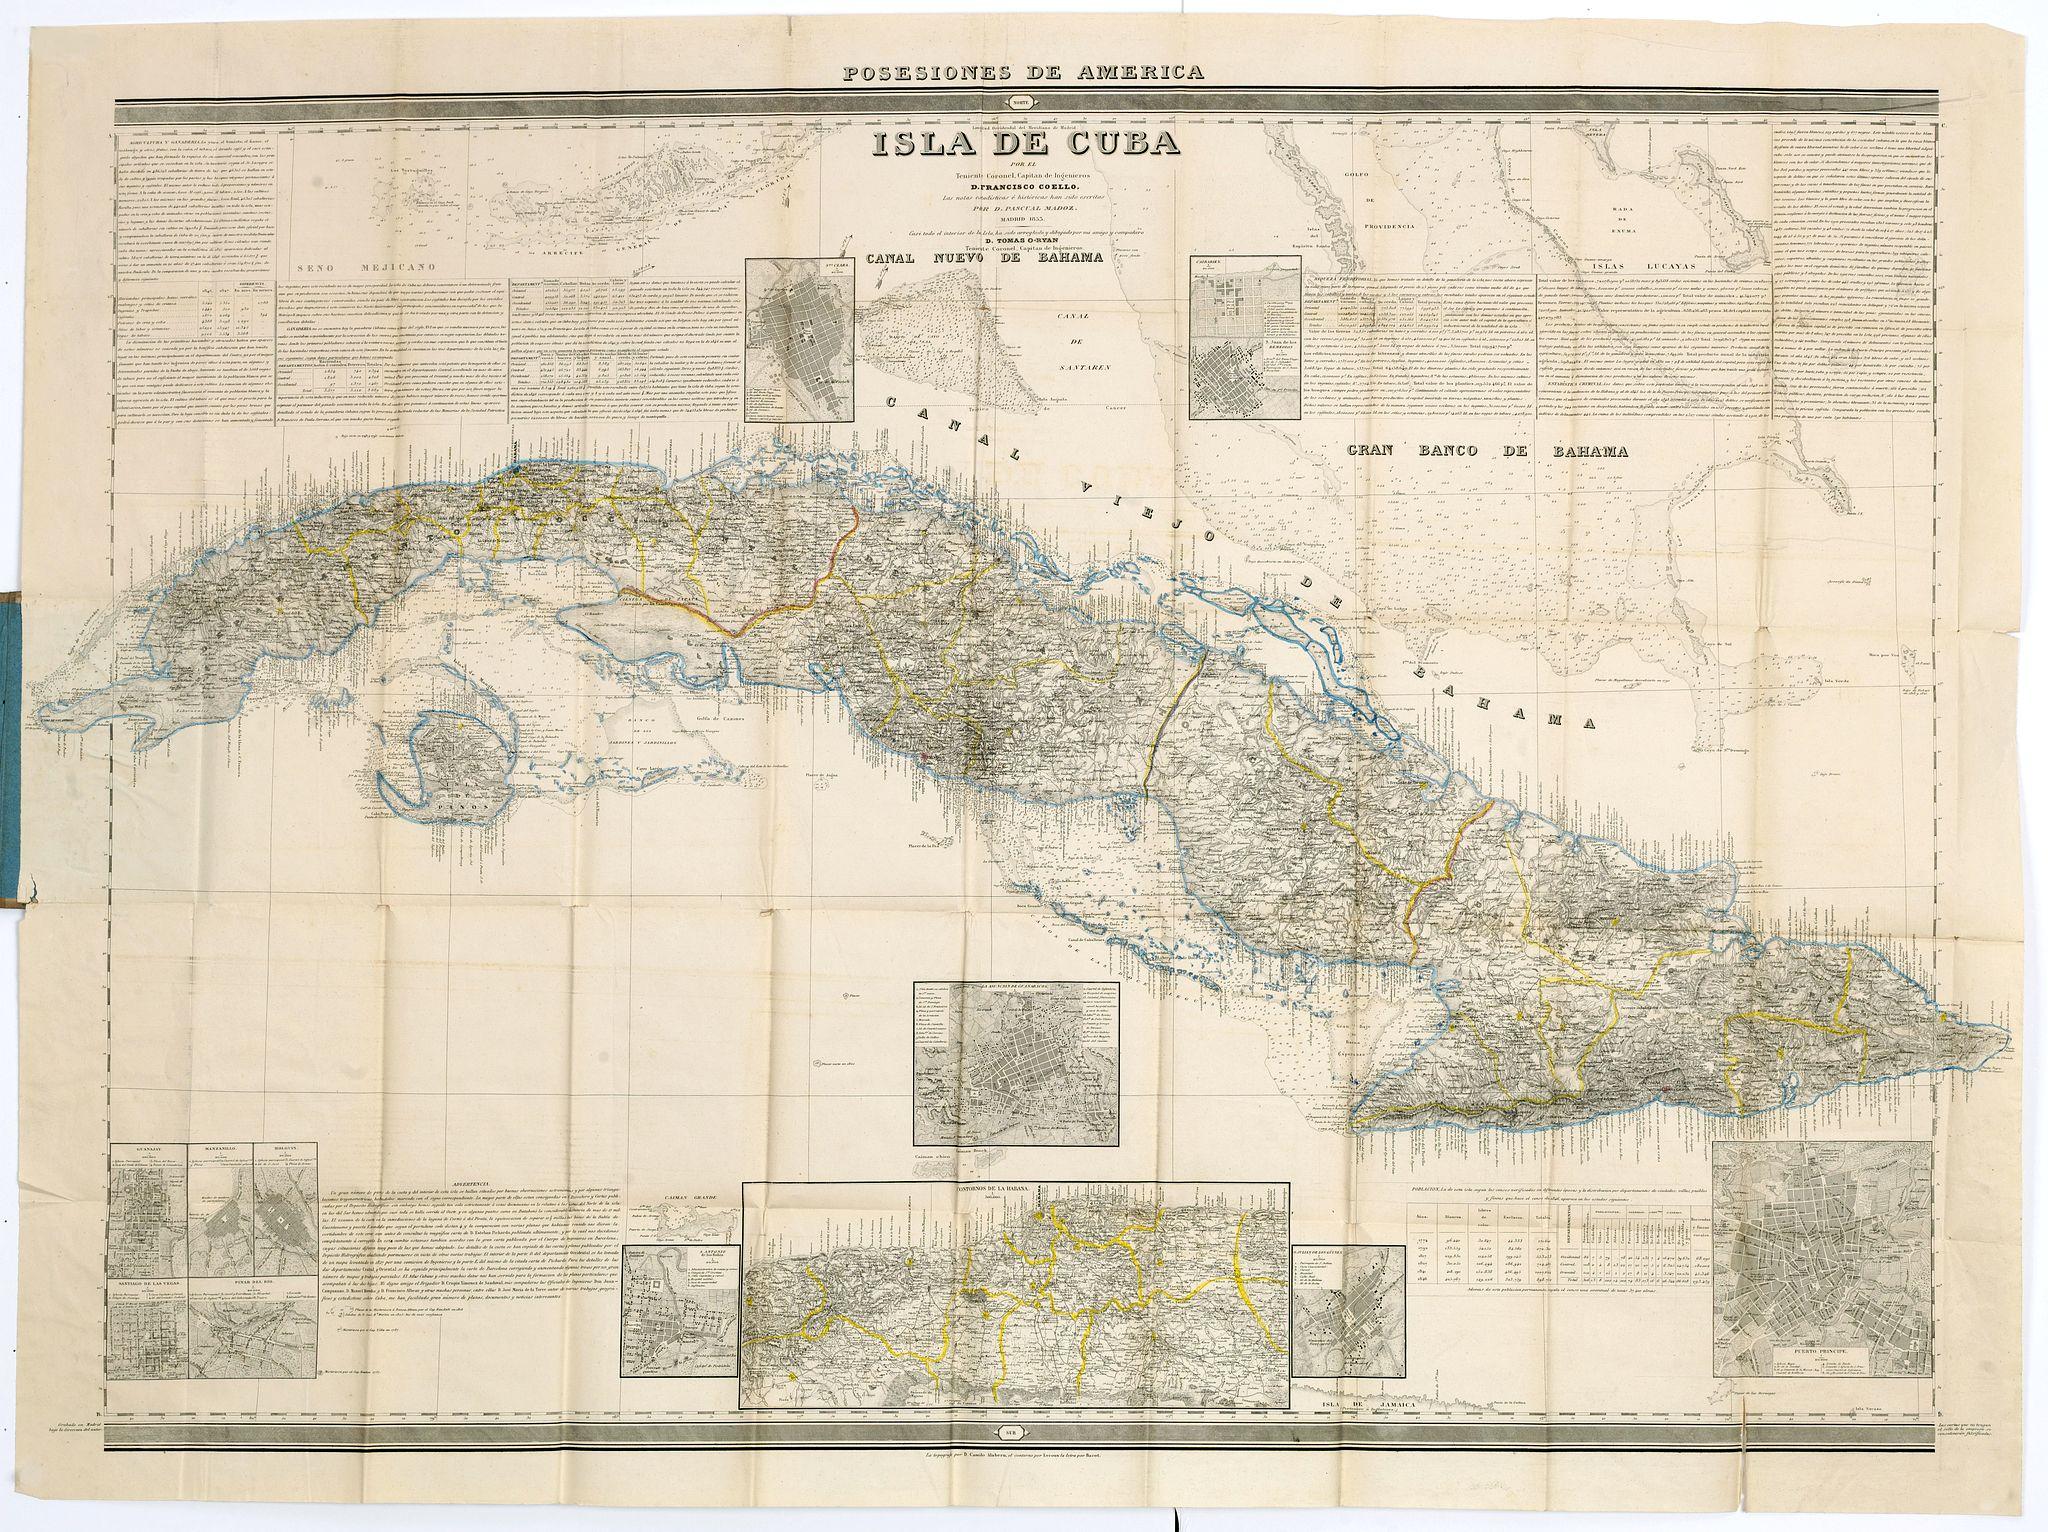 MADOZ, P. / COELLO, F. -  Posesiones de America : Isla de Cuba. . .